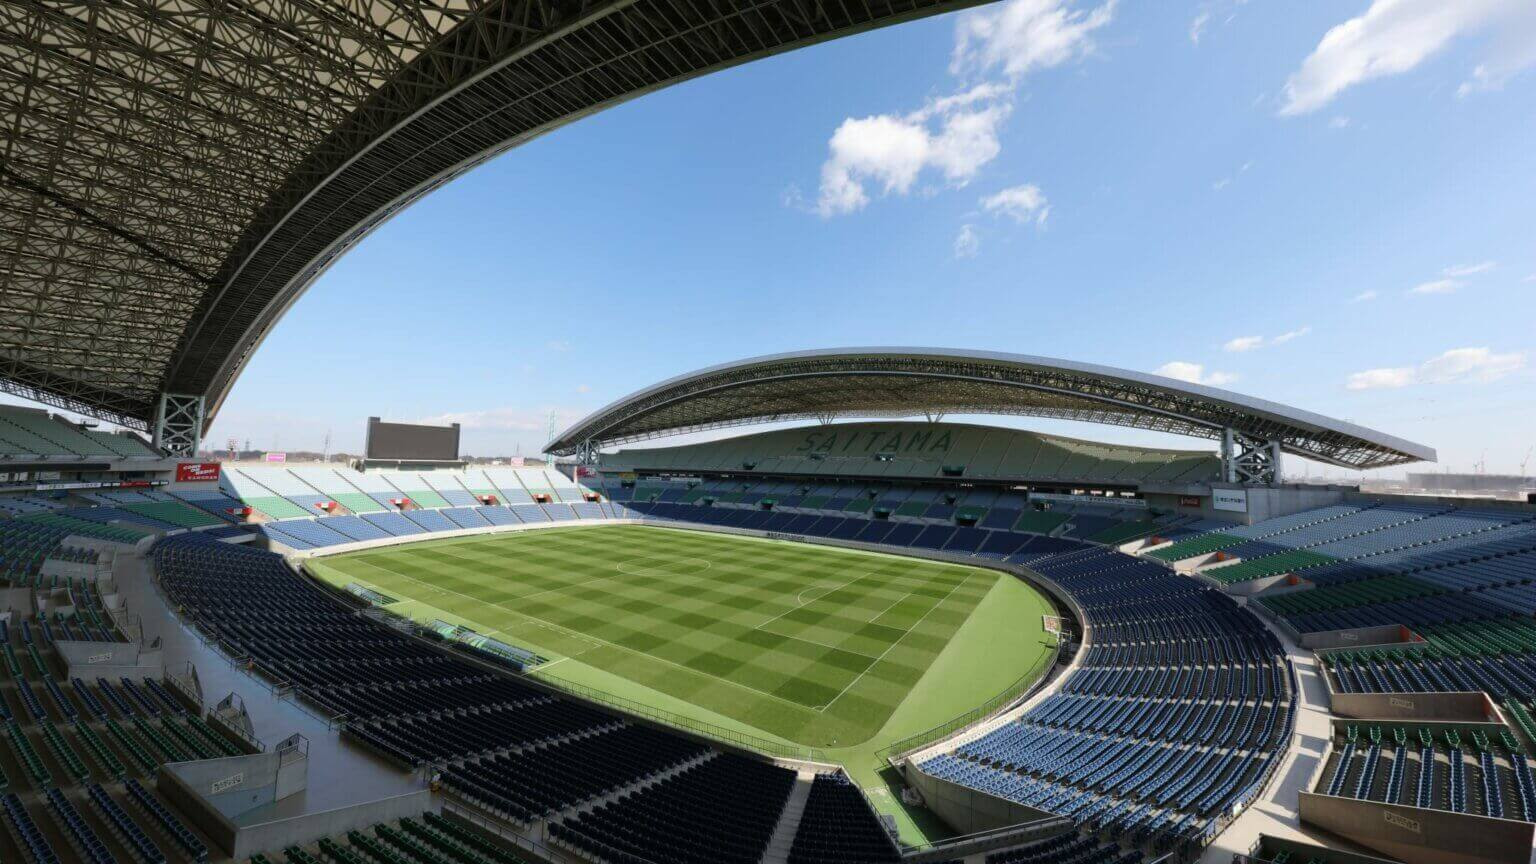 O estádio de Saitama é um dos palcos do futebol nas Olimpíadas de Tóquio 2020.